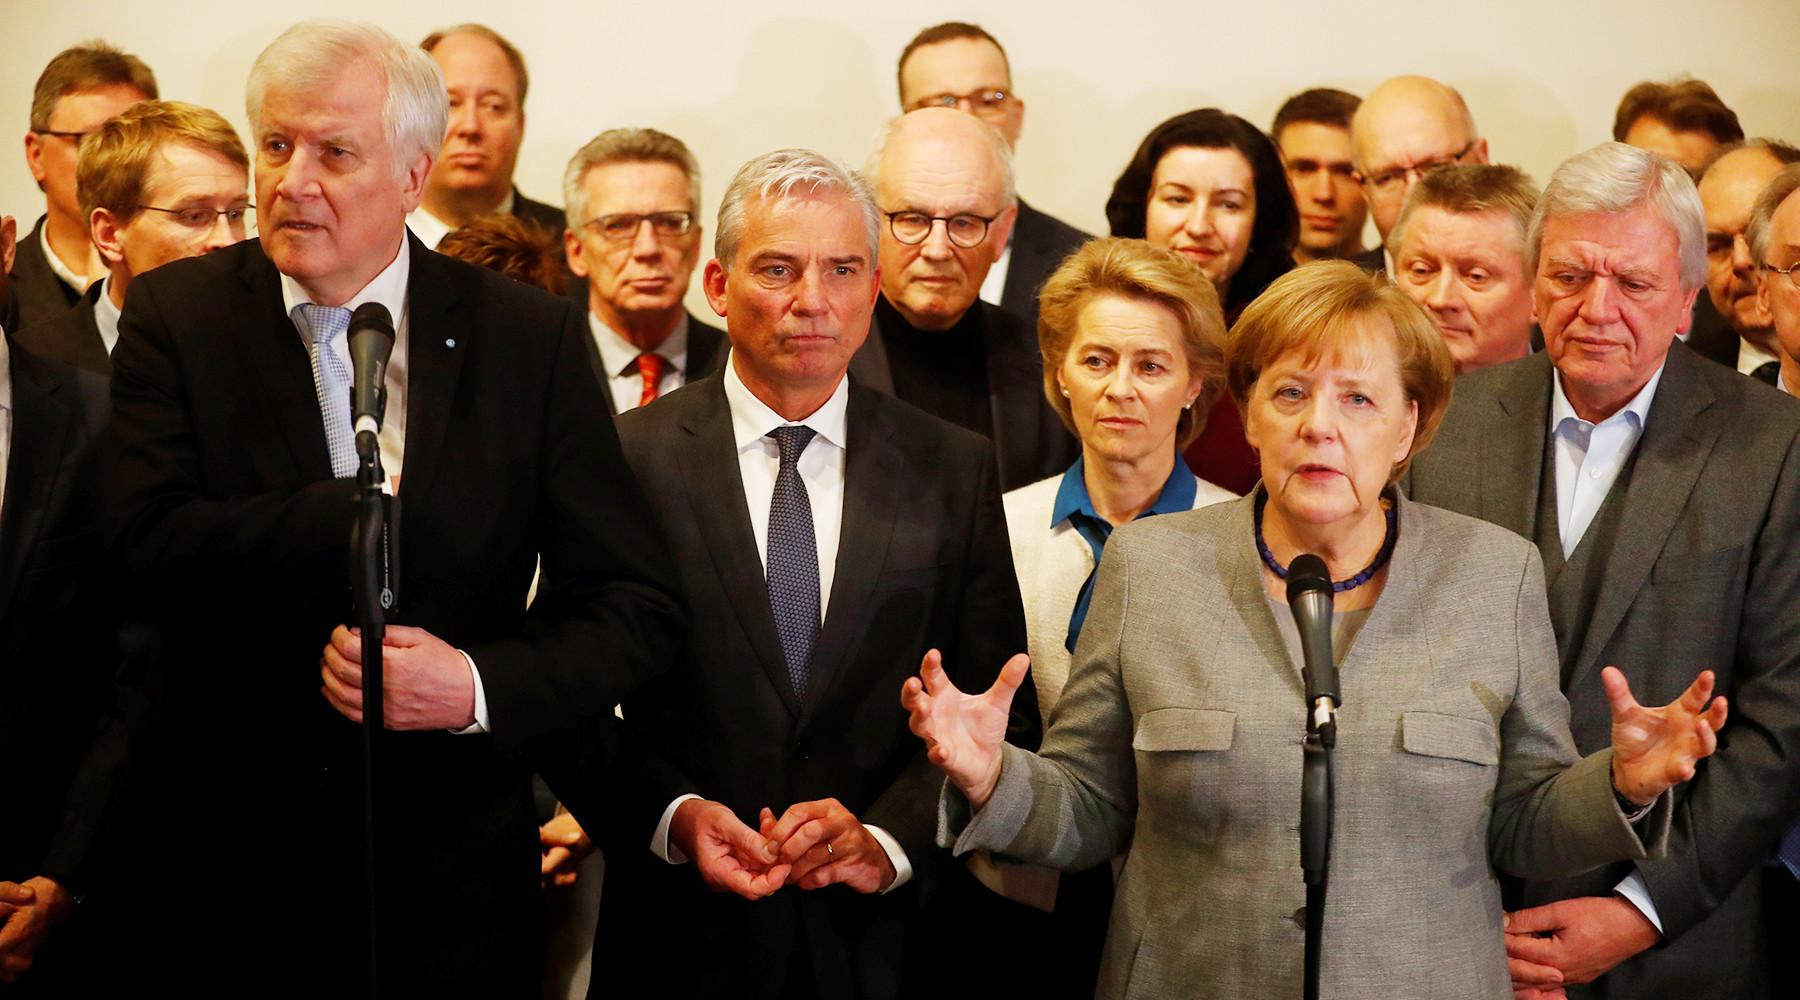 Сможет ли Меркель удержать власть после провала переговоров по коалиции в Бундестаге